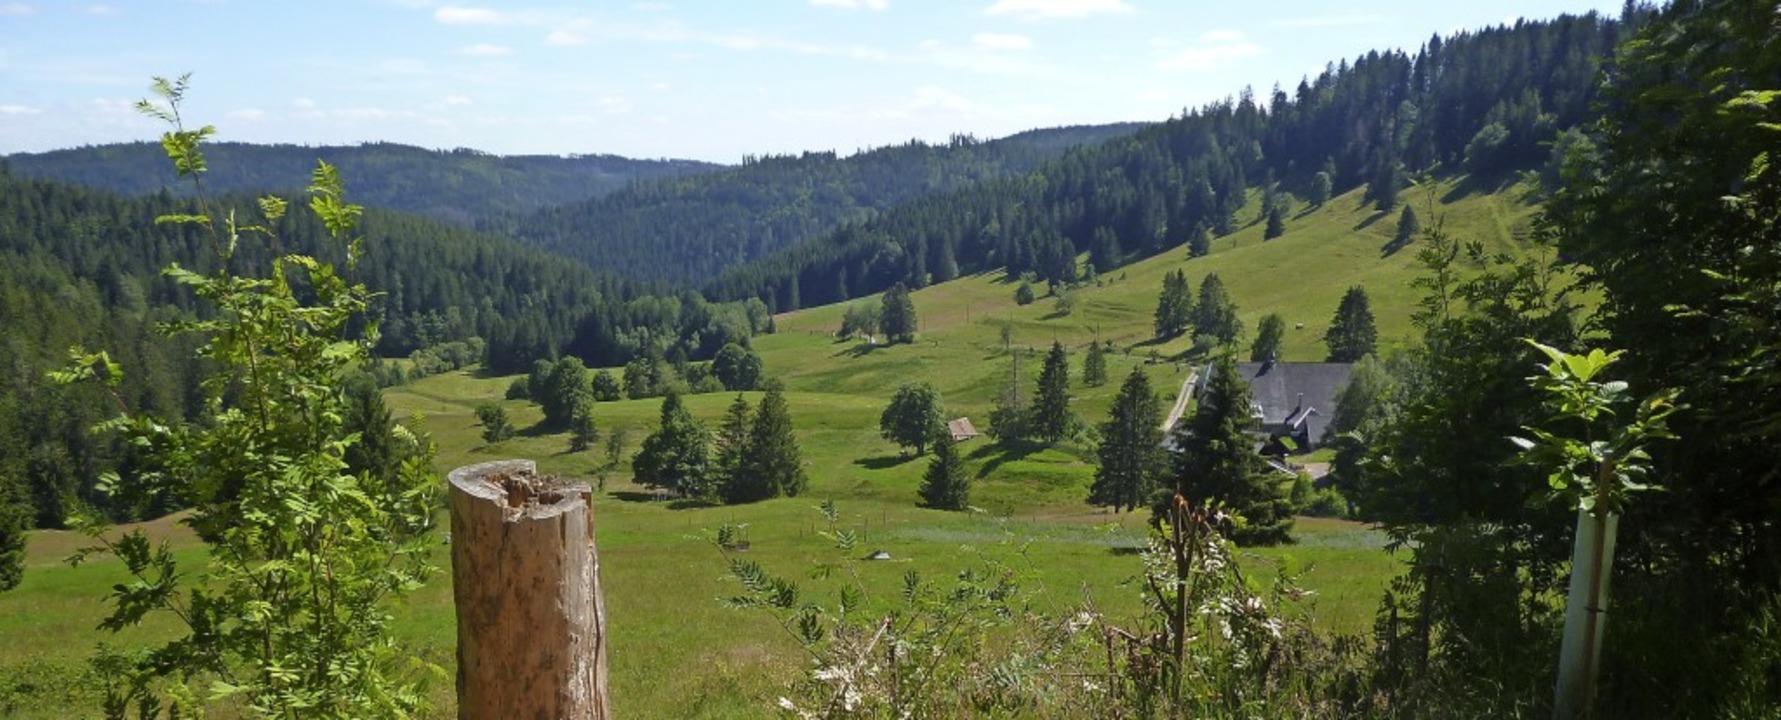 Blick auf das idyllische Tal mit dem Windberghof.    Foto: Claudia Renk